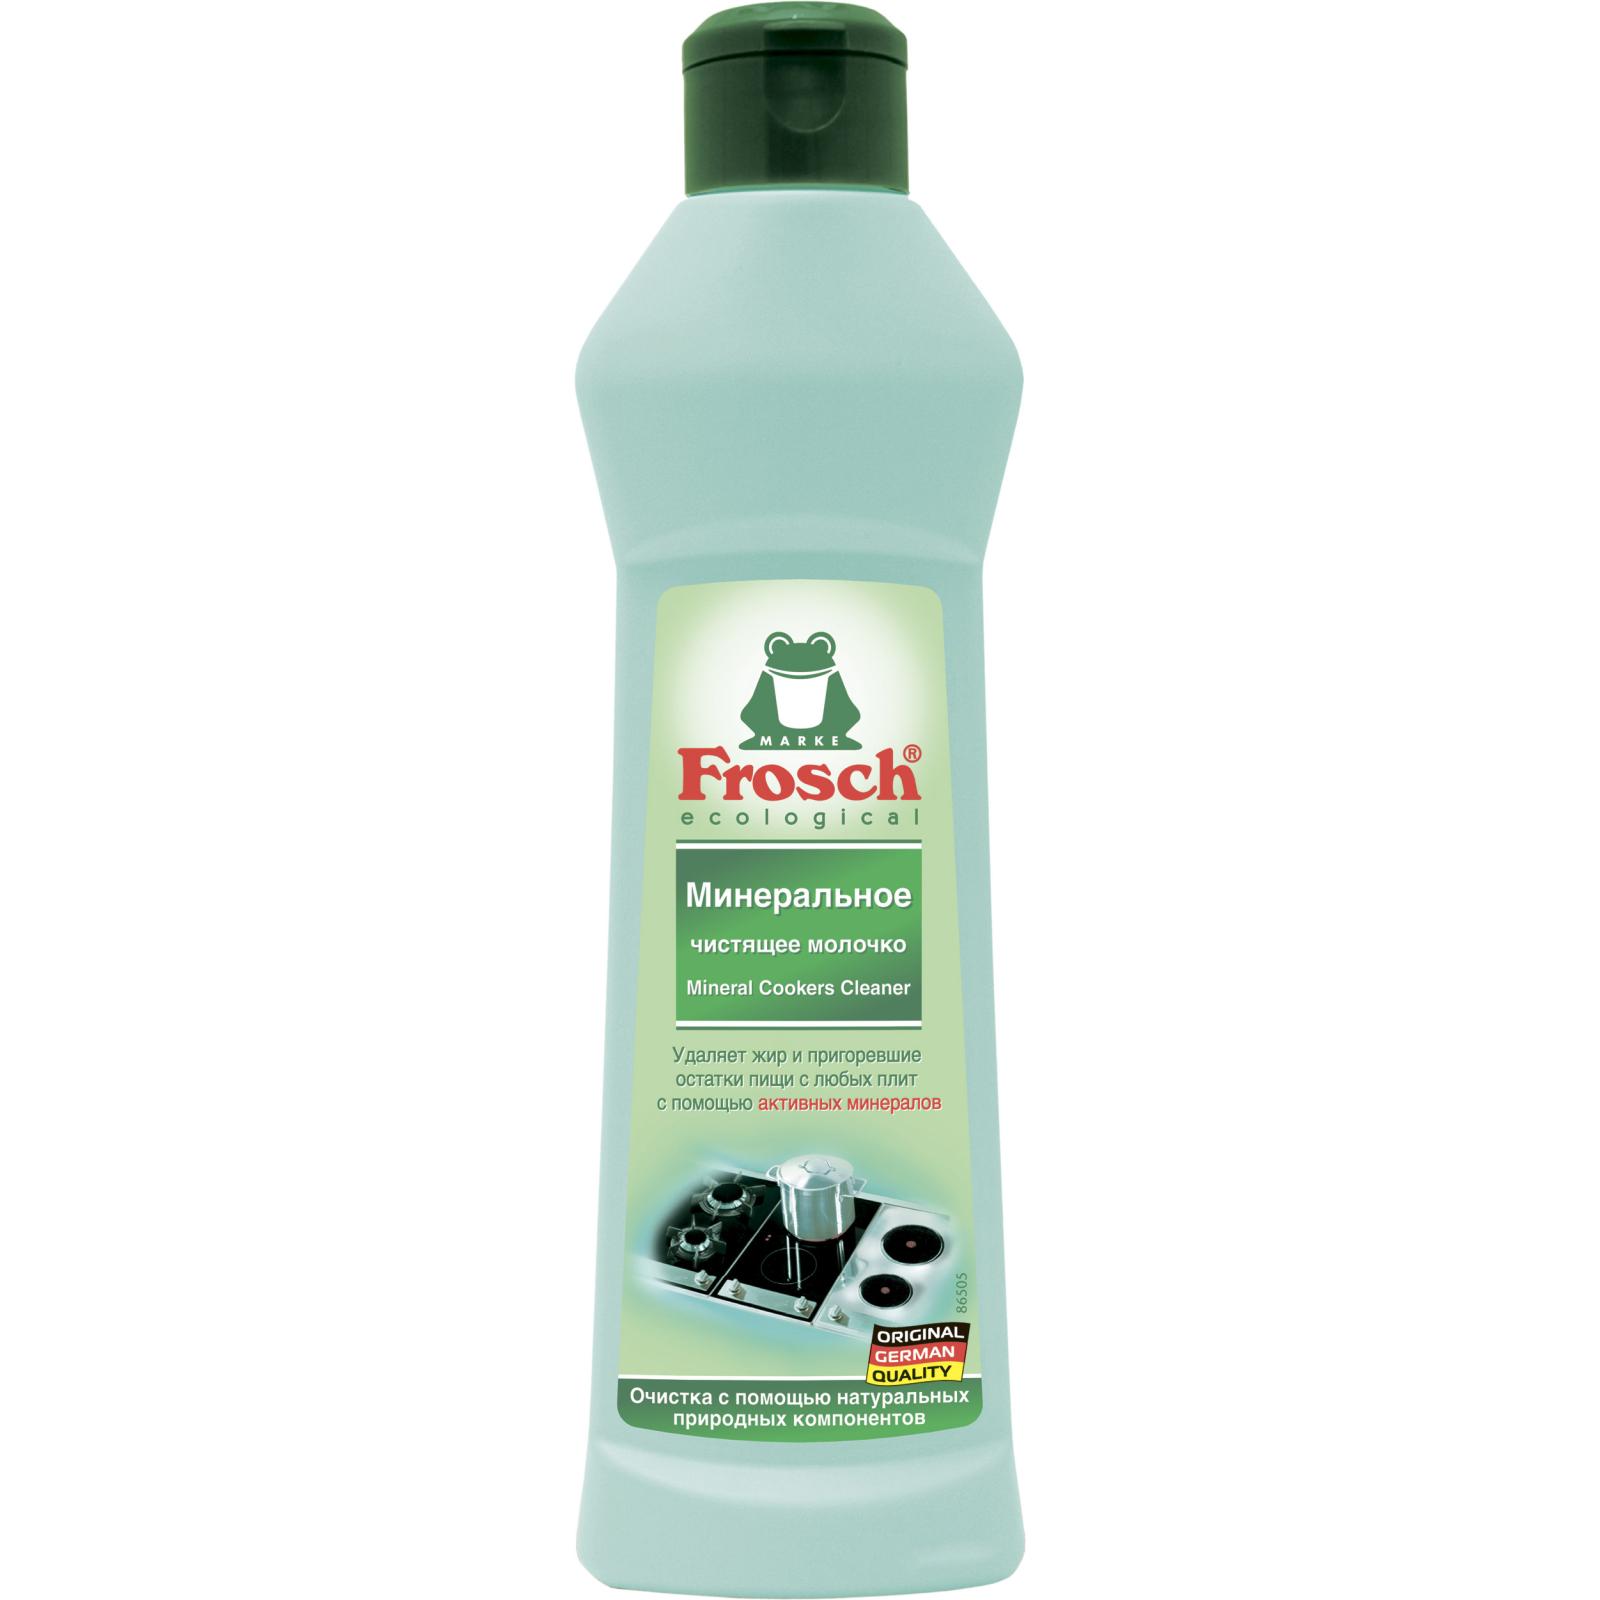 Чистящее средство Frosch Минеральное молочко 250 мл (4009175168337)